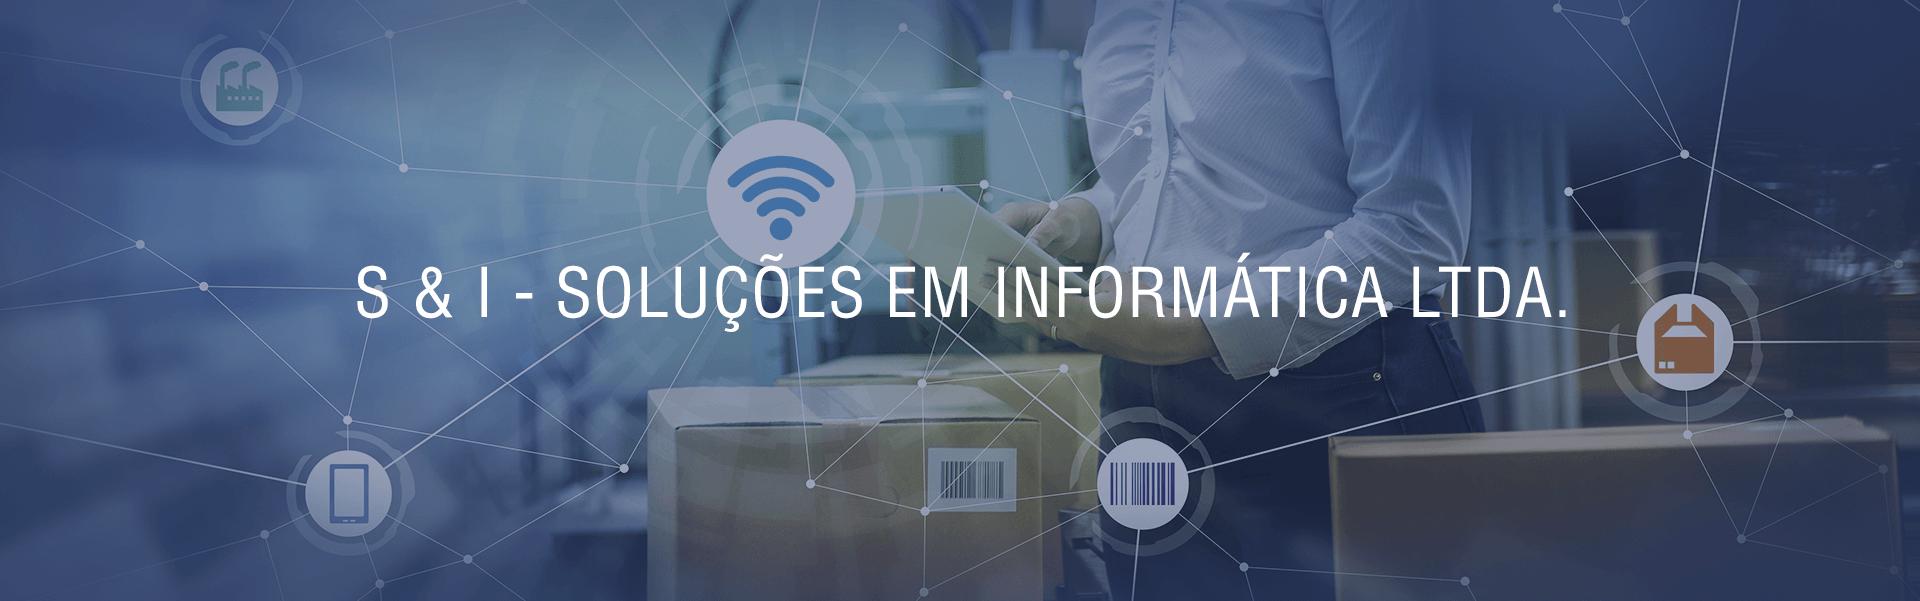 S&I_solucoes_em_informatica